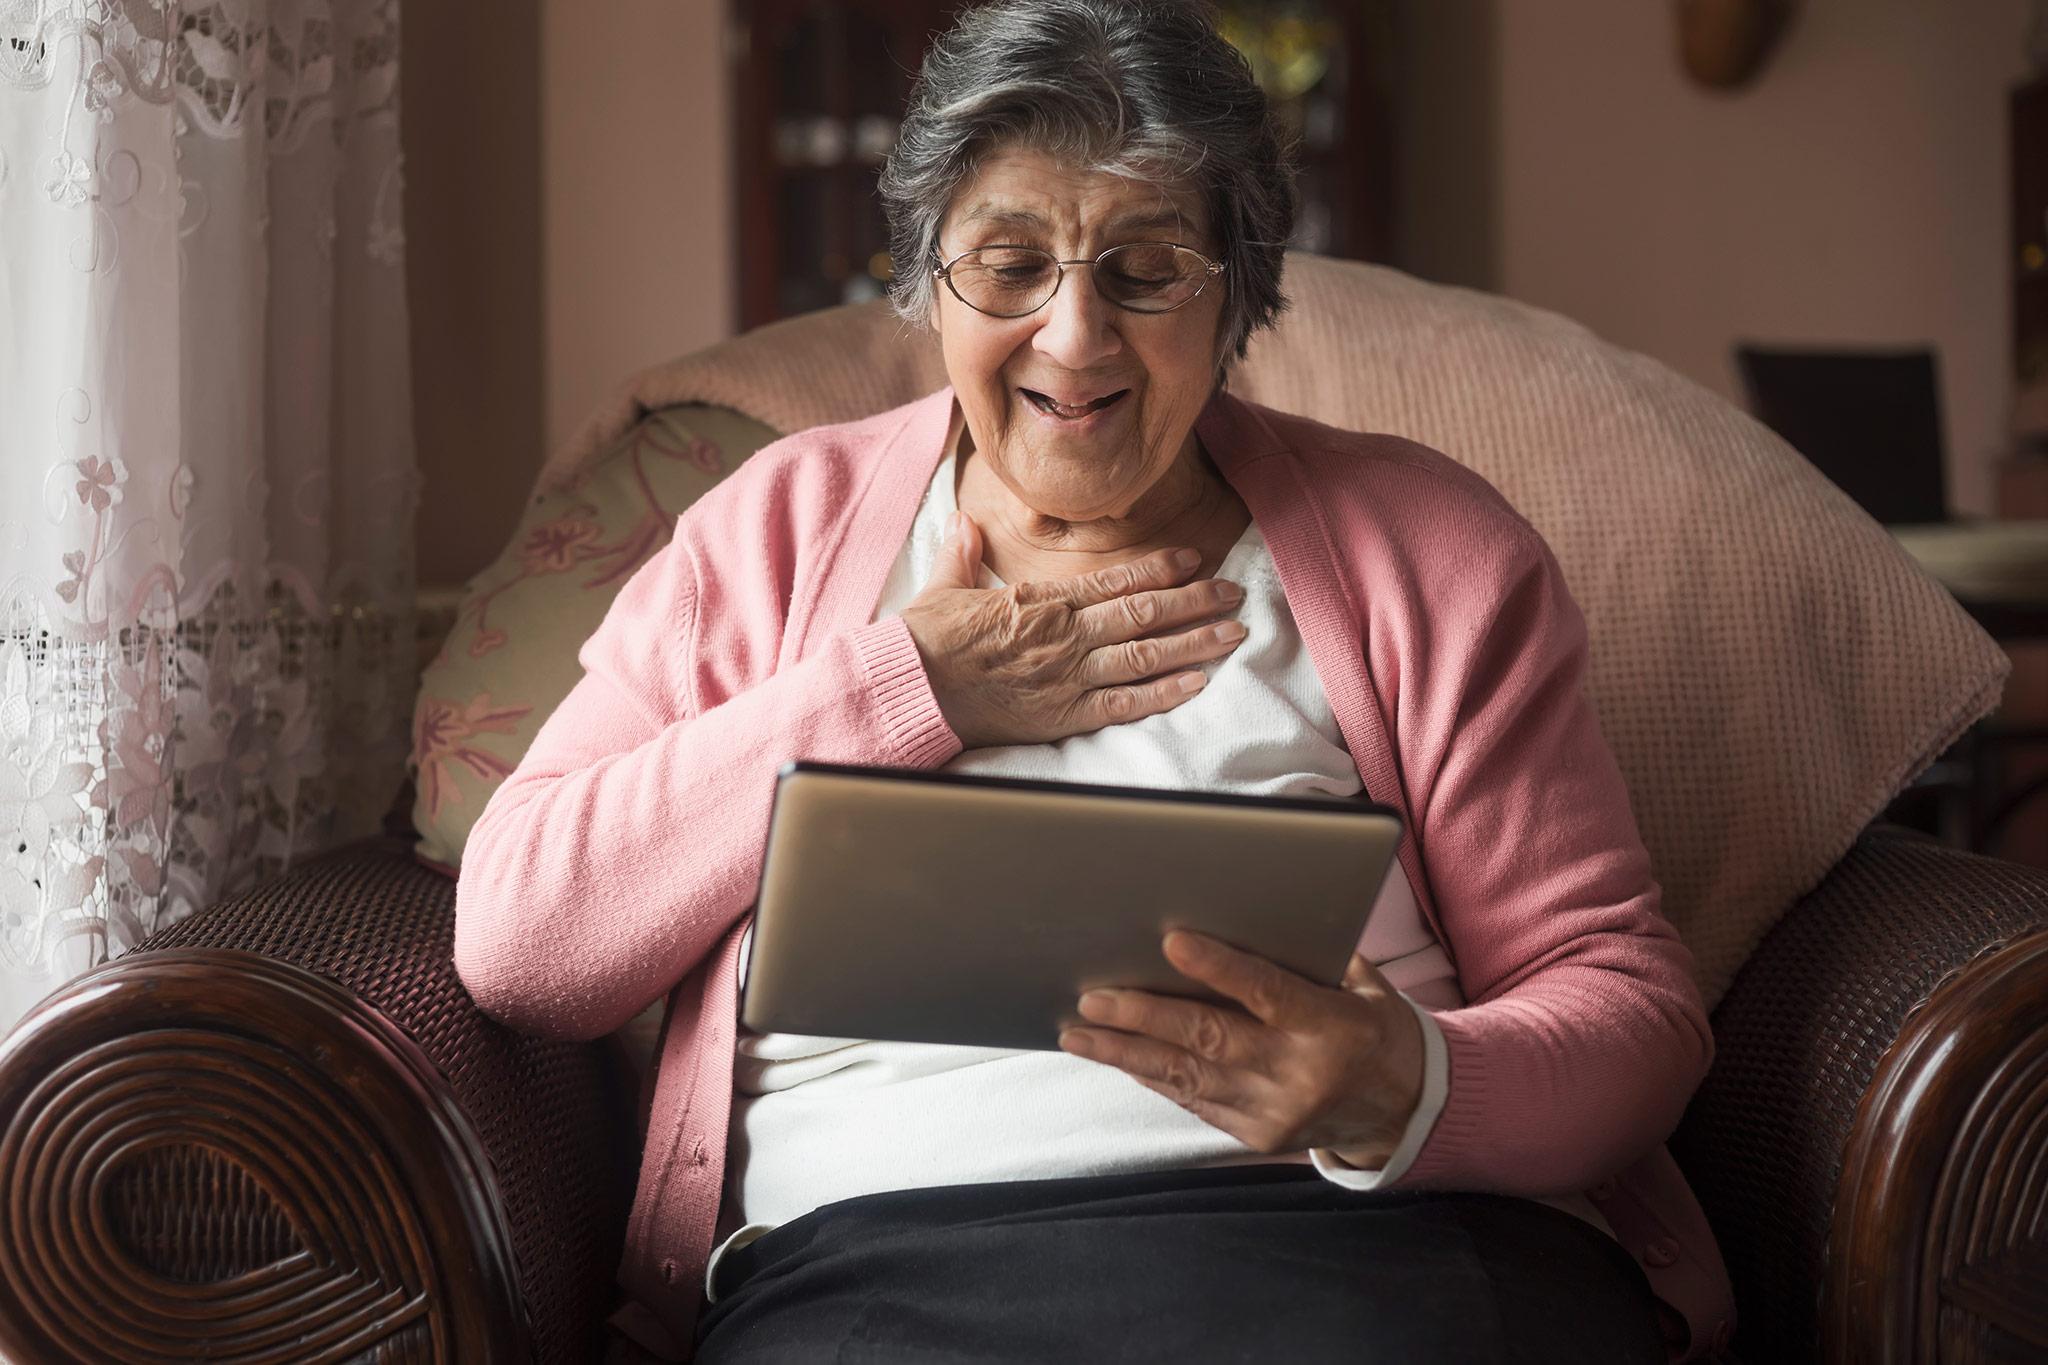 BETREUUNG FÜR MENSCHEN, DIE IM ALTER SELBSTSTÄNDIG WOHNEN - Wir sind der einzige Anbieter, der ältere Menschen, die sich zum Beispiel im betreuten Wohnen leben, gezielt zu Hause unterstützt. Dabei helfen wir ohne zu überfordern. Zum Beispiel den Umgang mit einem Senioren-Smartphone zu erlernen. Mit einem hohen pädagogischen Einfühlungsvermögen finden wir Wege, um Sie z.B. mit Verwandten zu verbinden, die manchmal um die Welt verteilt leben. Gerne helfen wir bei der Bedienung des Fernsehers oder in einer klassischen Computerhilfe für Senioren. Im Alter ändert sich vieles, aber den Anschluss sollten Sie nicht verlieren.